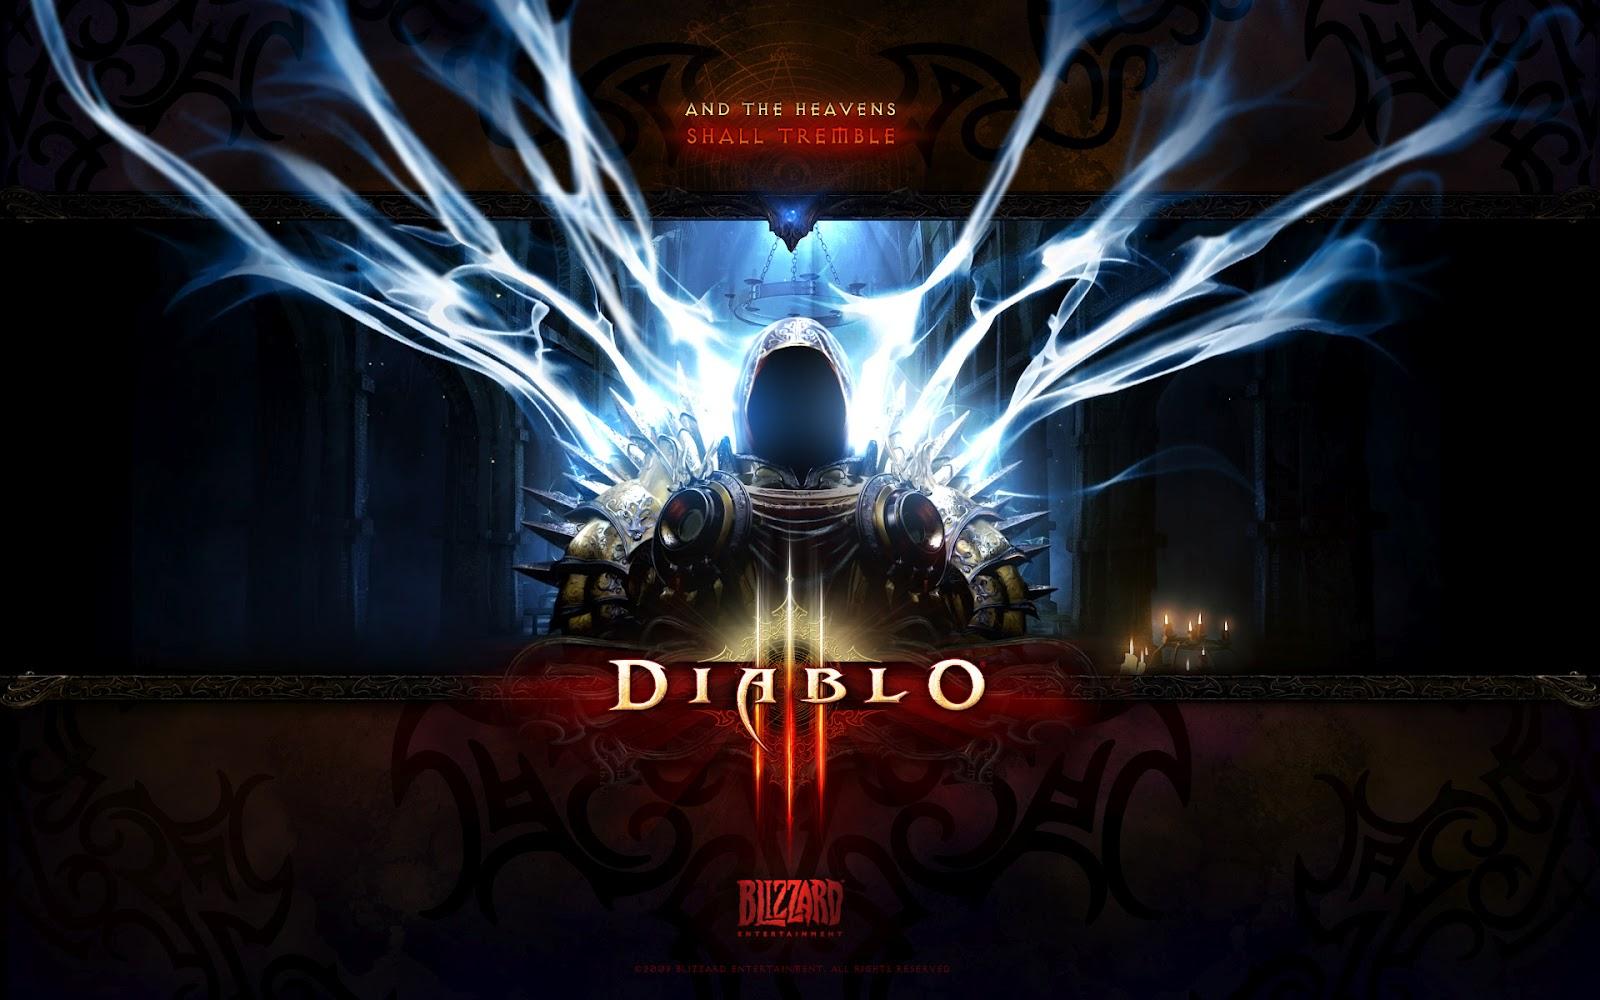 http://4.bp.blogspot.com/-1sQTI-I4YWA/T6fPJuTxC0I/AAAAAAAAIGY/BcQMfzpSY1o/s1600/Diablo3_Tyrael_wallpaper.jpg